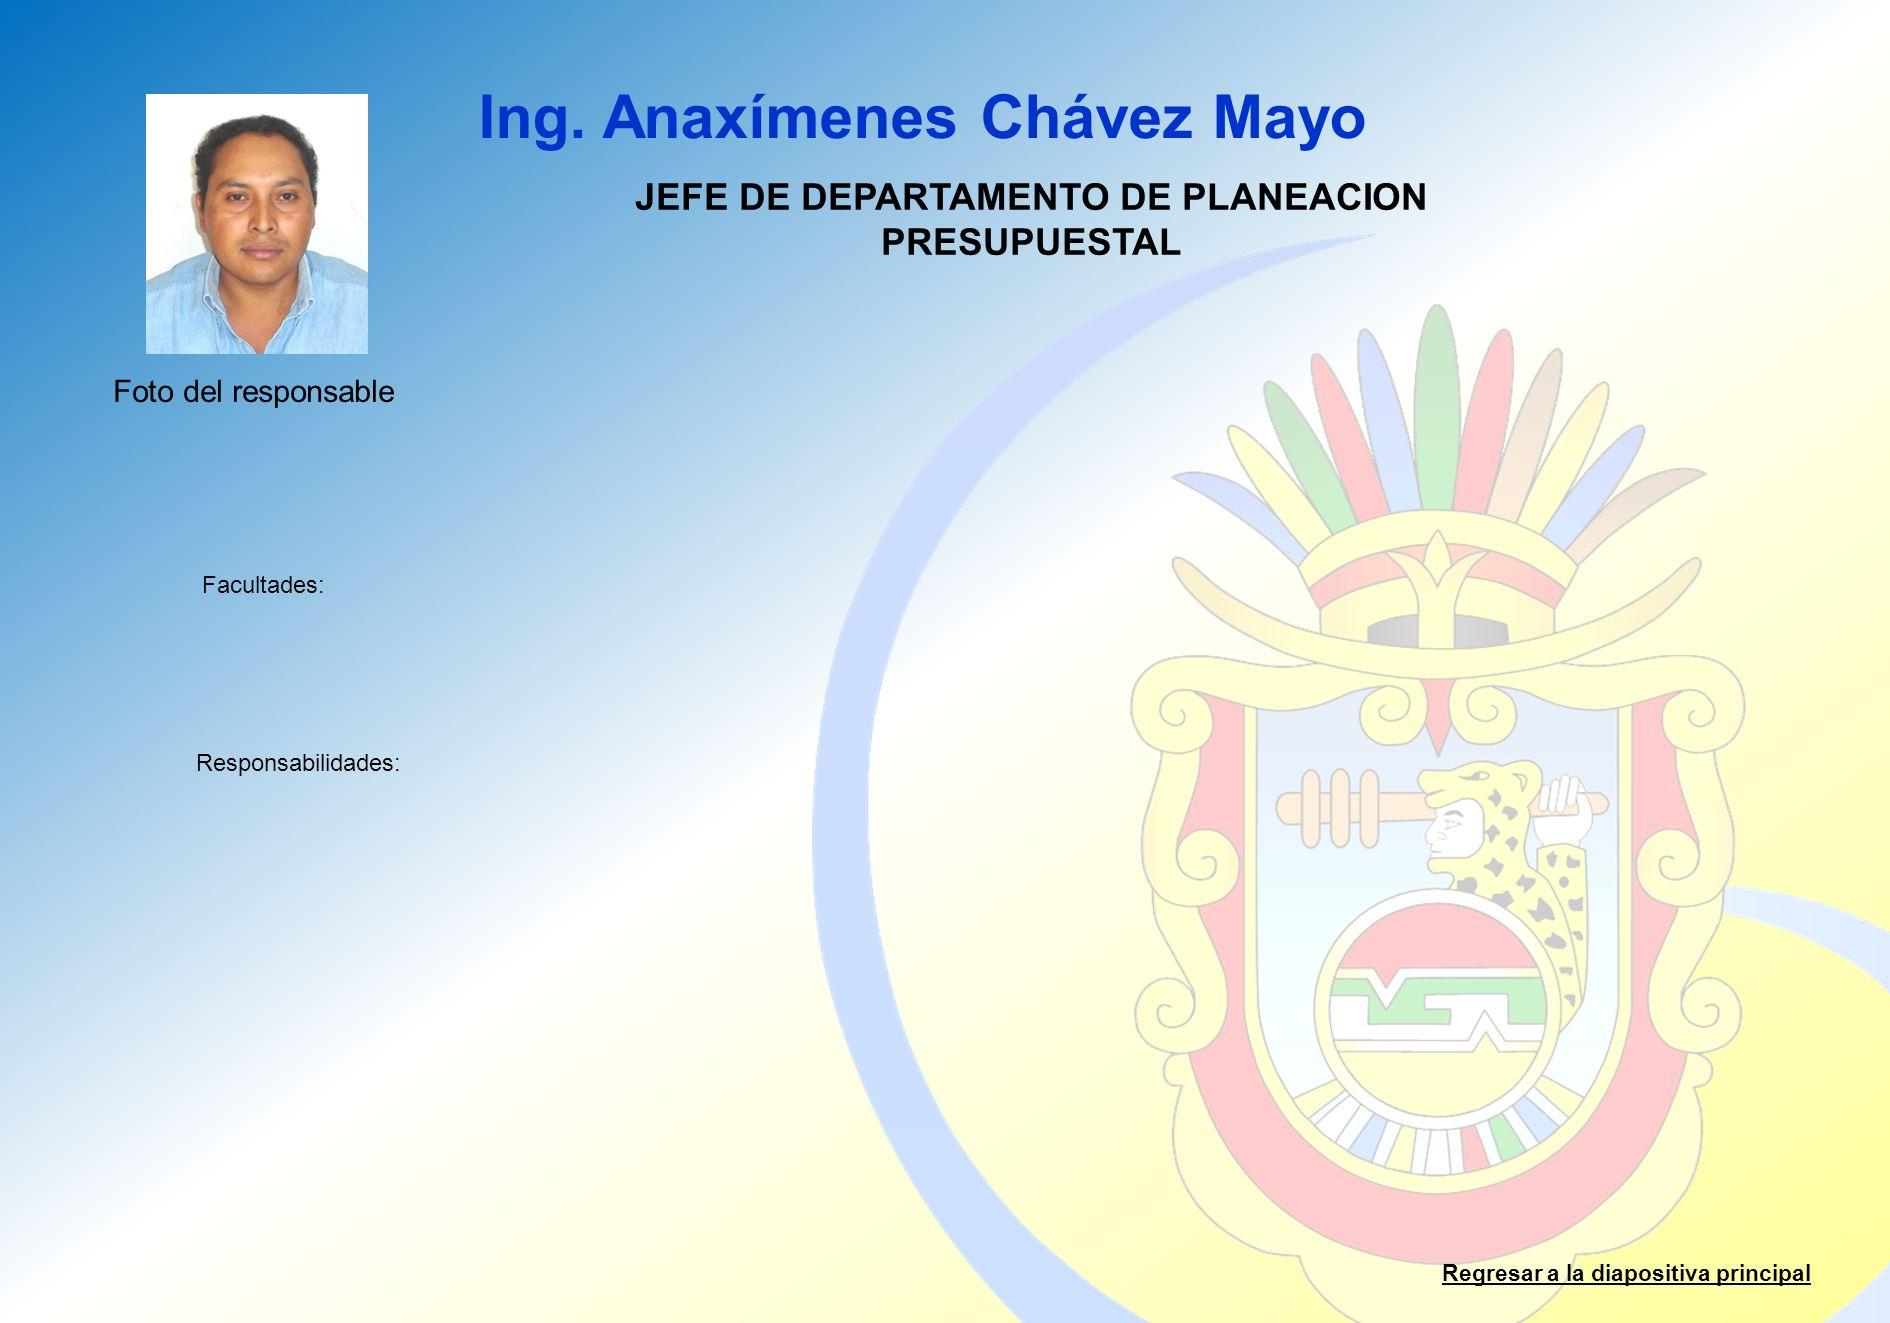 JEFE DE DEPARTAMENTO DE PLANEACION PRESUPUESTAL